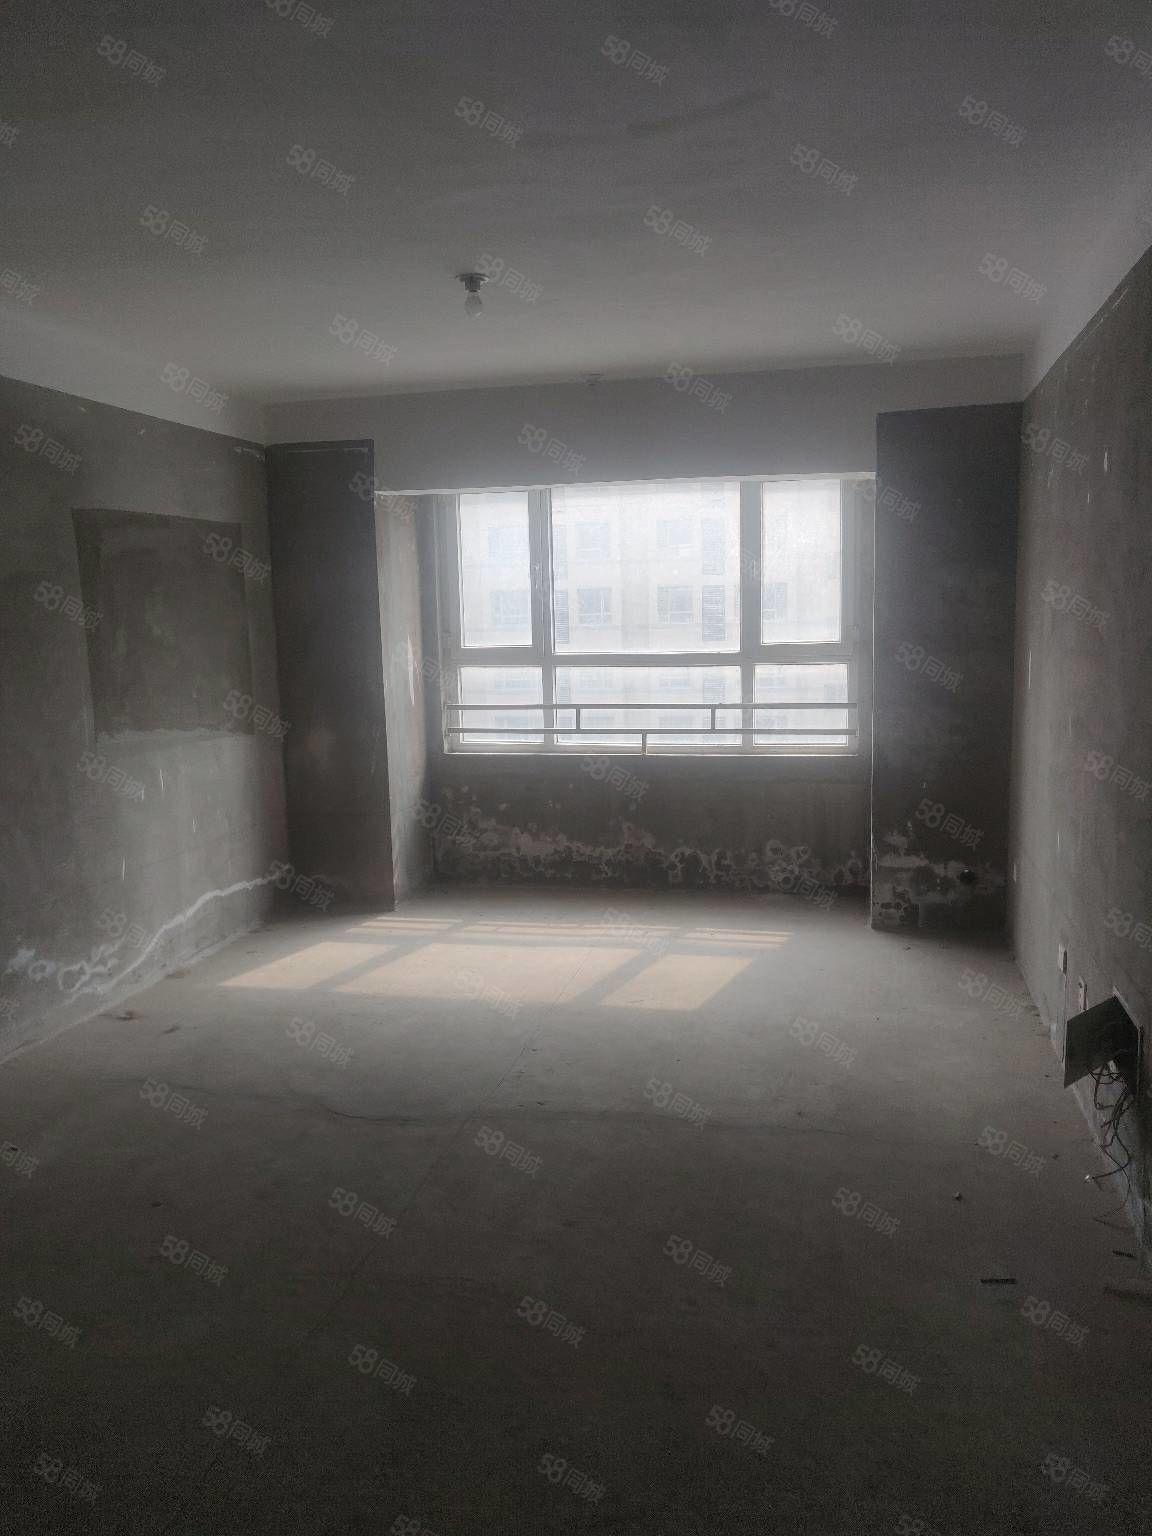 急售御山河电梯洋房好户型好楼层,有证可随时过户